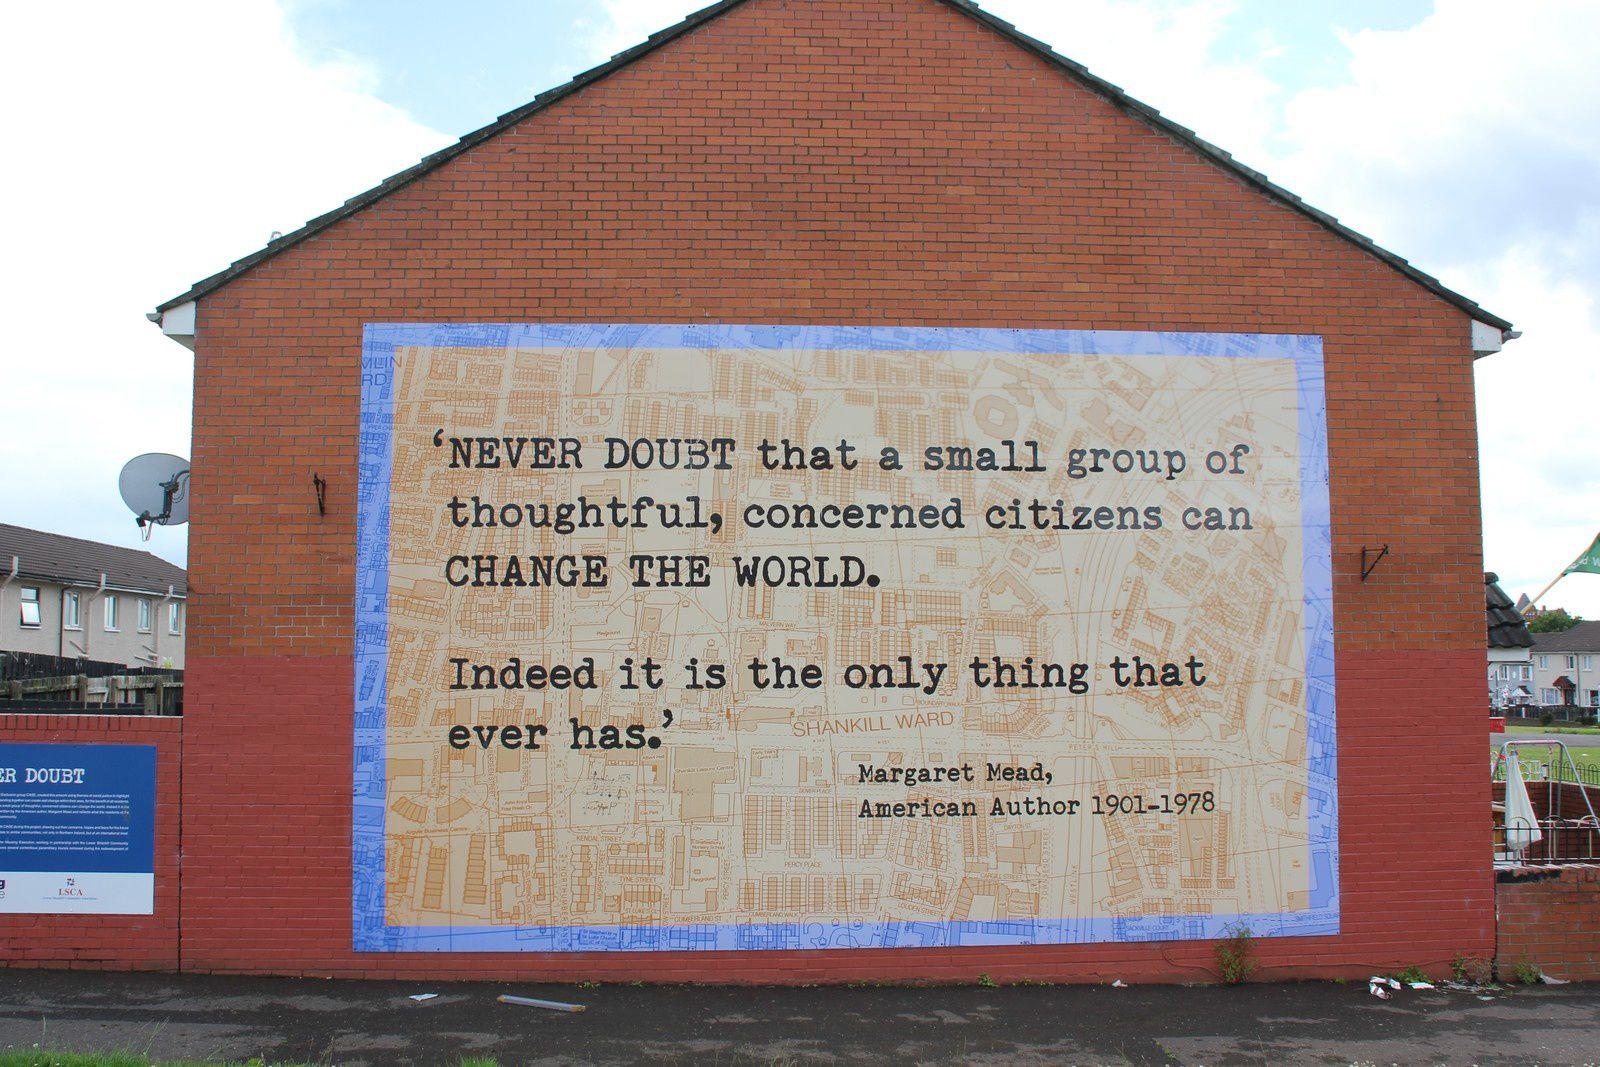 697) Lower Shankill, West Belfast